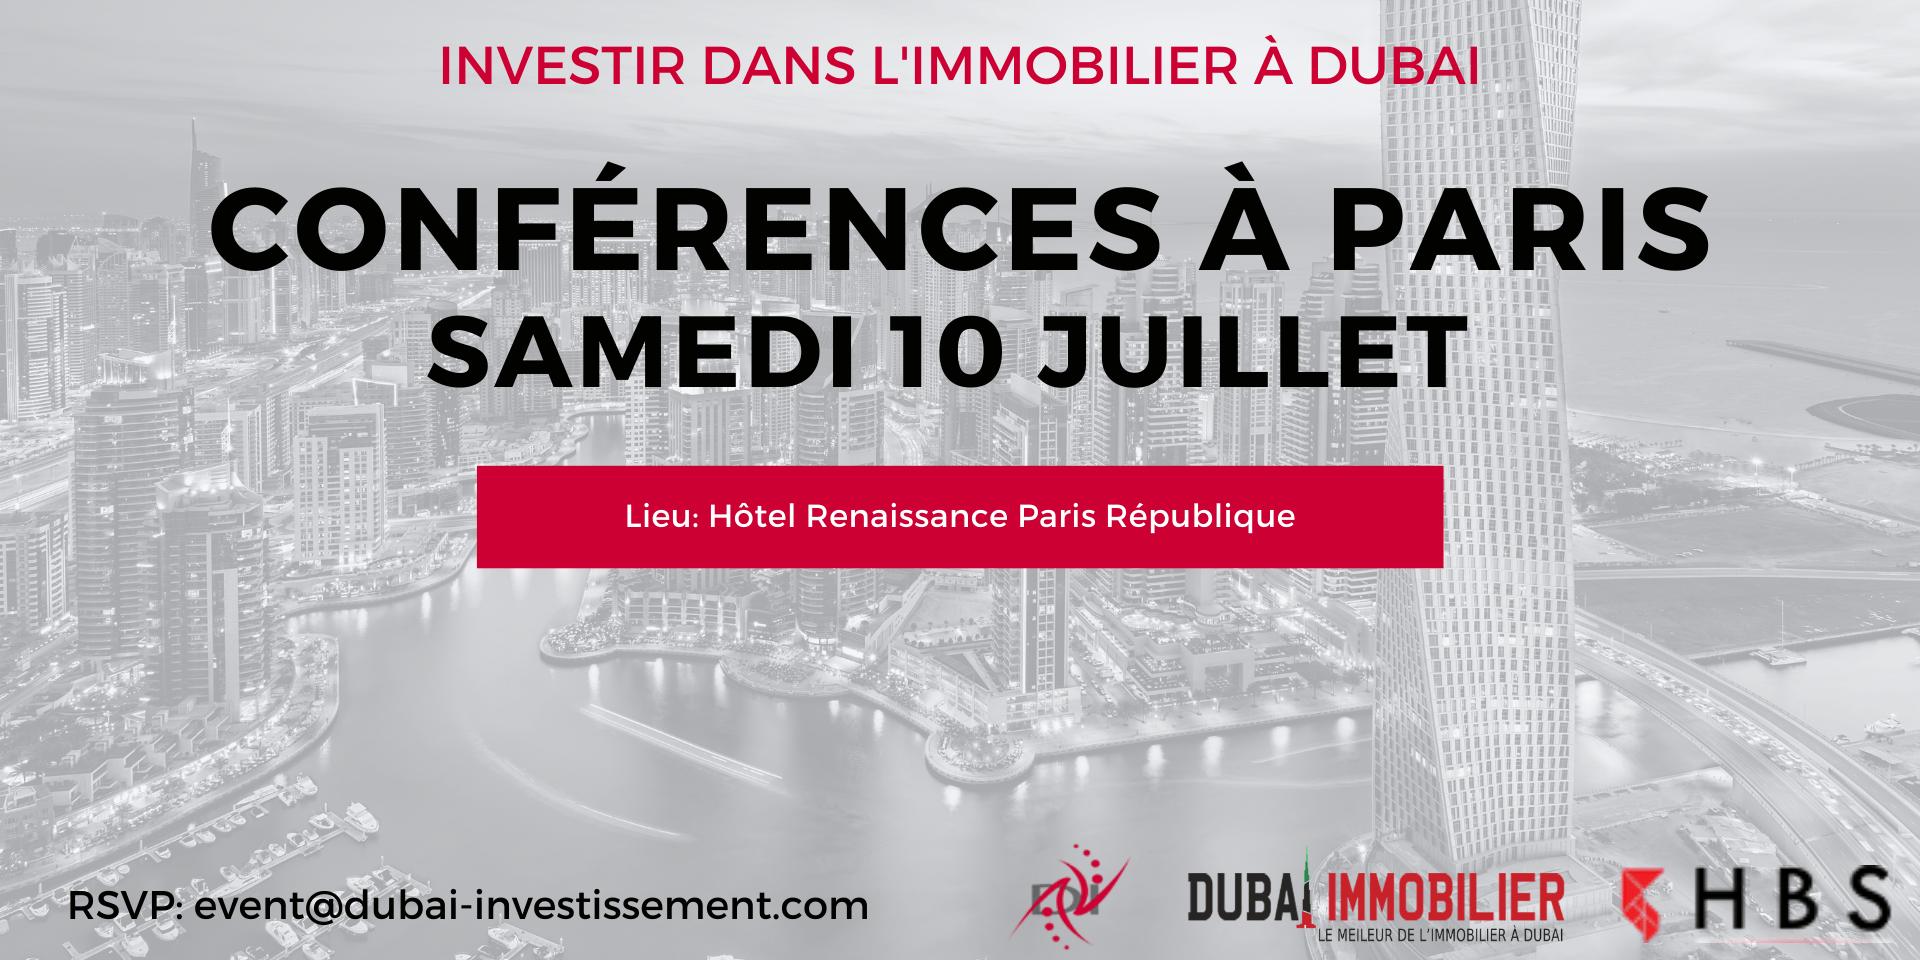 Investir dans l'immobilier à Dubaï – Conférences et événements exceptionnels à Paris du 9 au 11 Juillet 2021